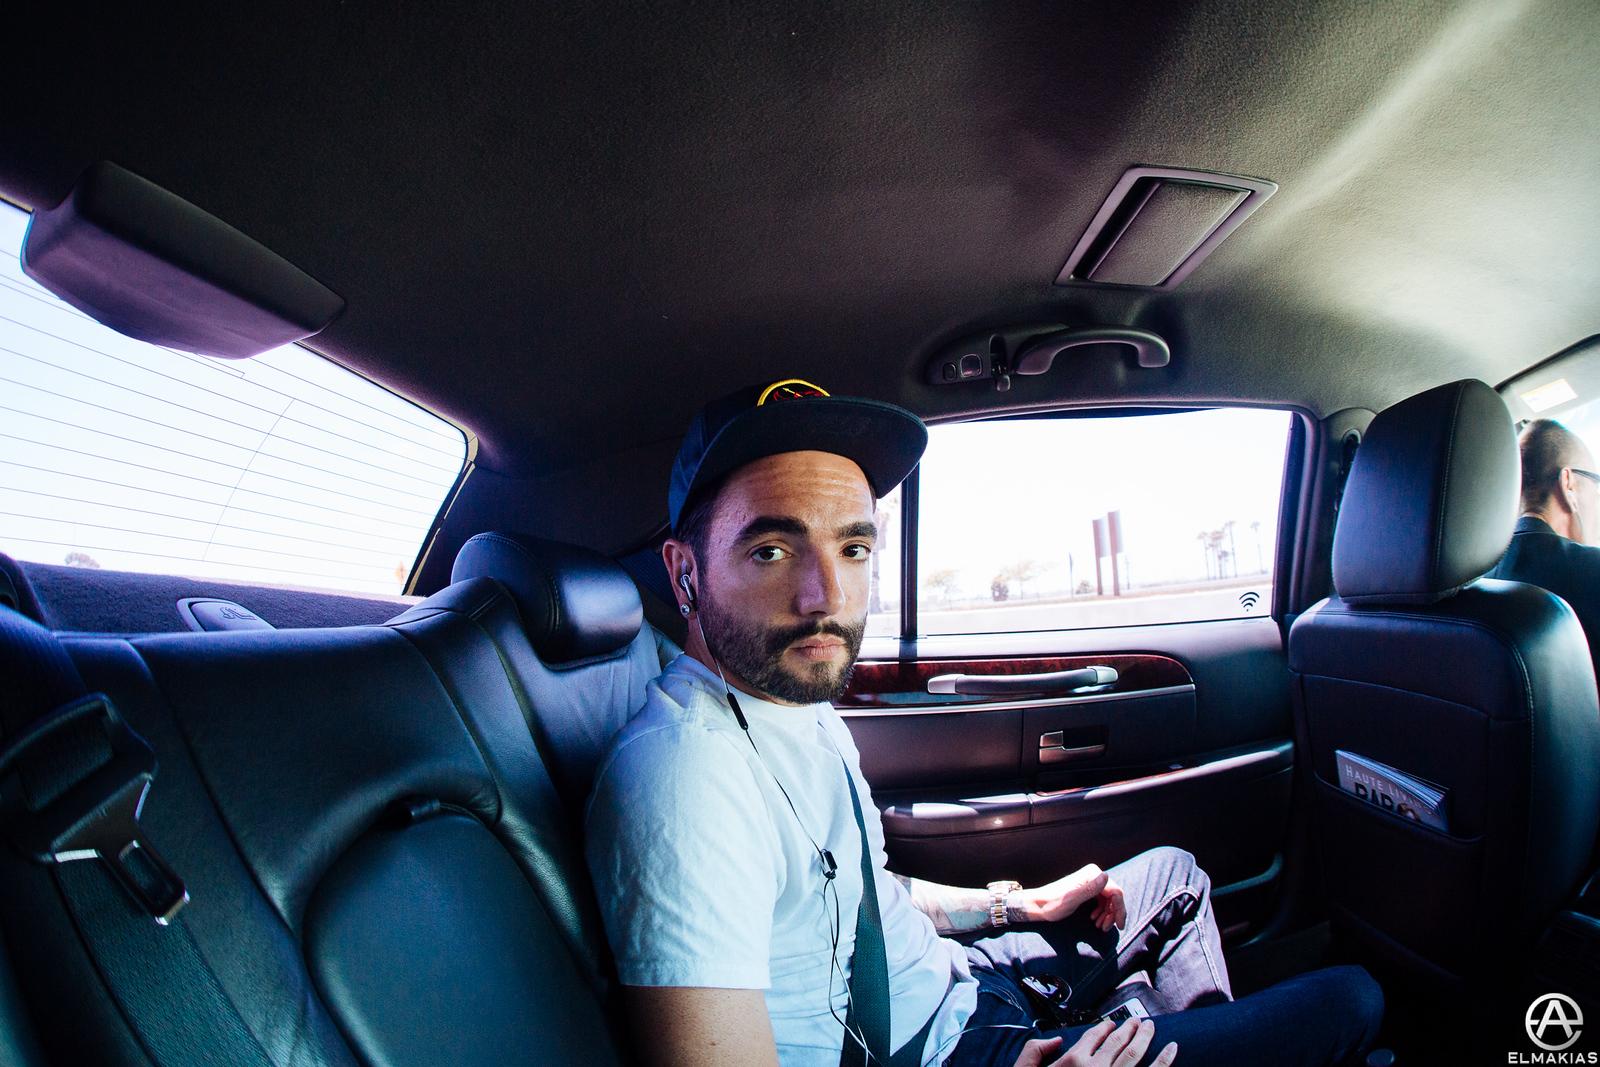 Car ride to Warped Tour